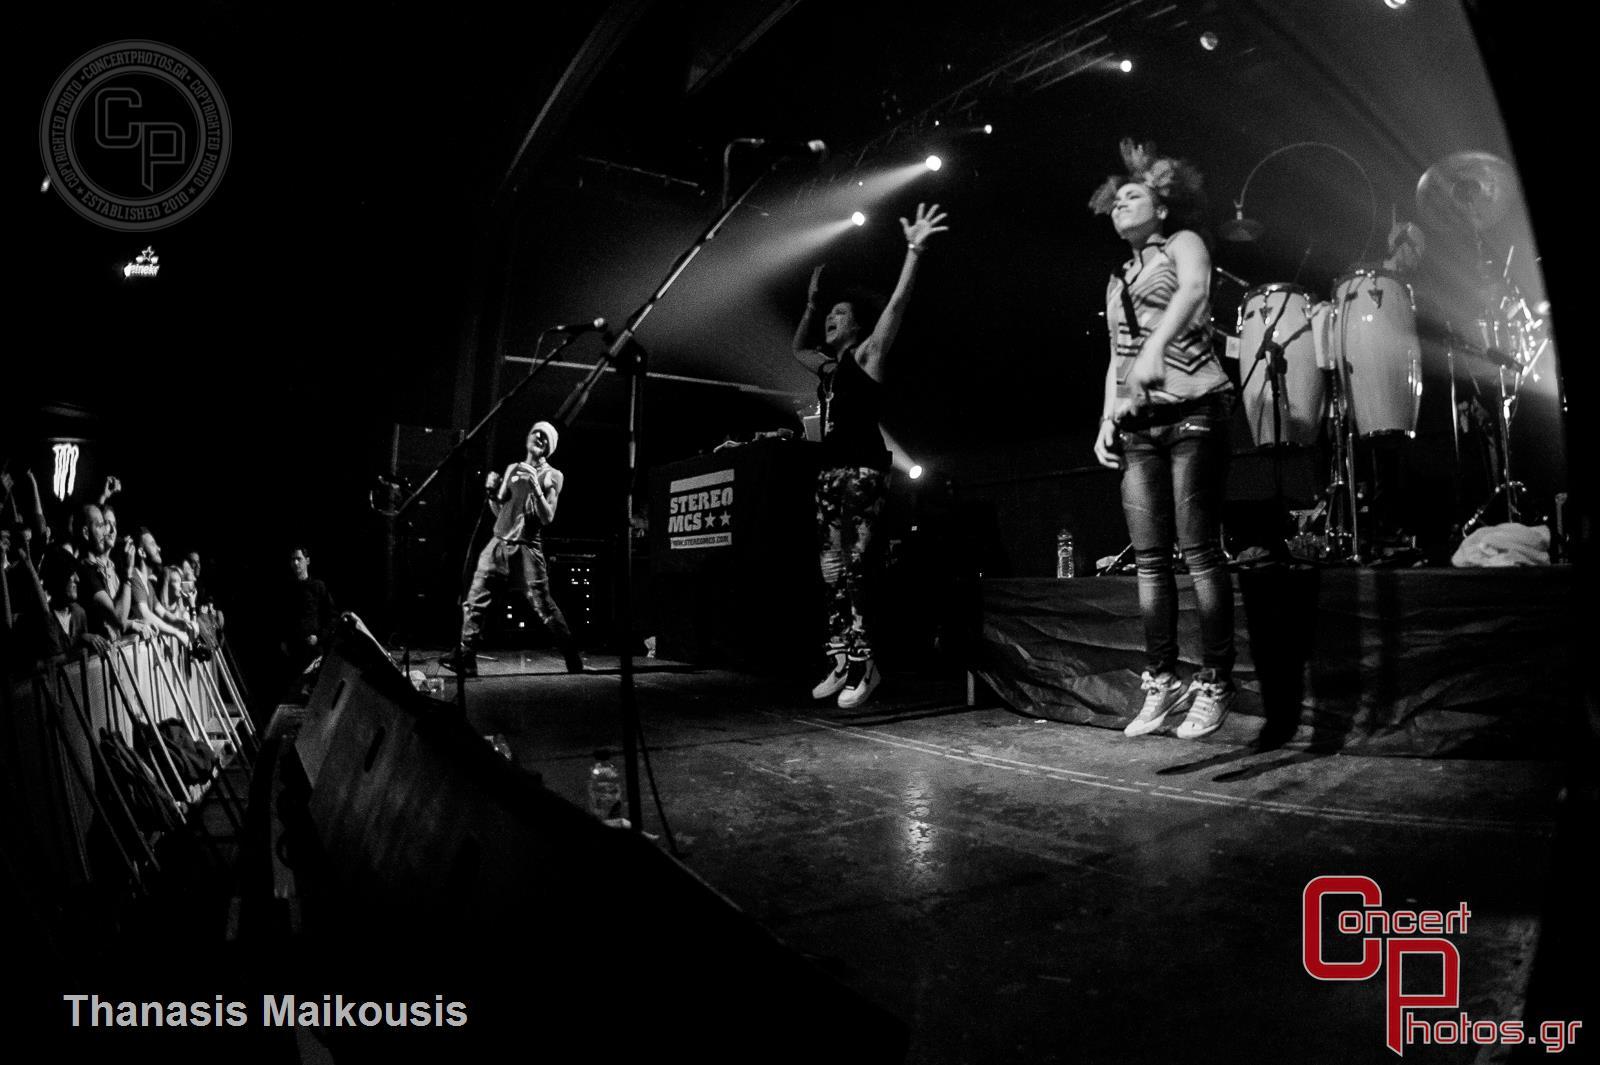 Stereo Mc's-Stereo Mcs photographer: Thanasis Maikousis - ConcertPhotos - 20141130_0023_46